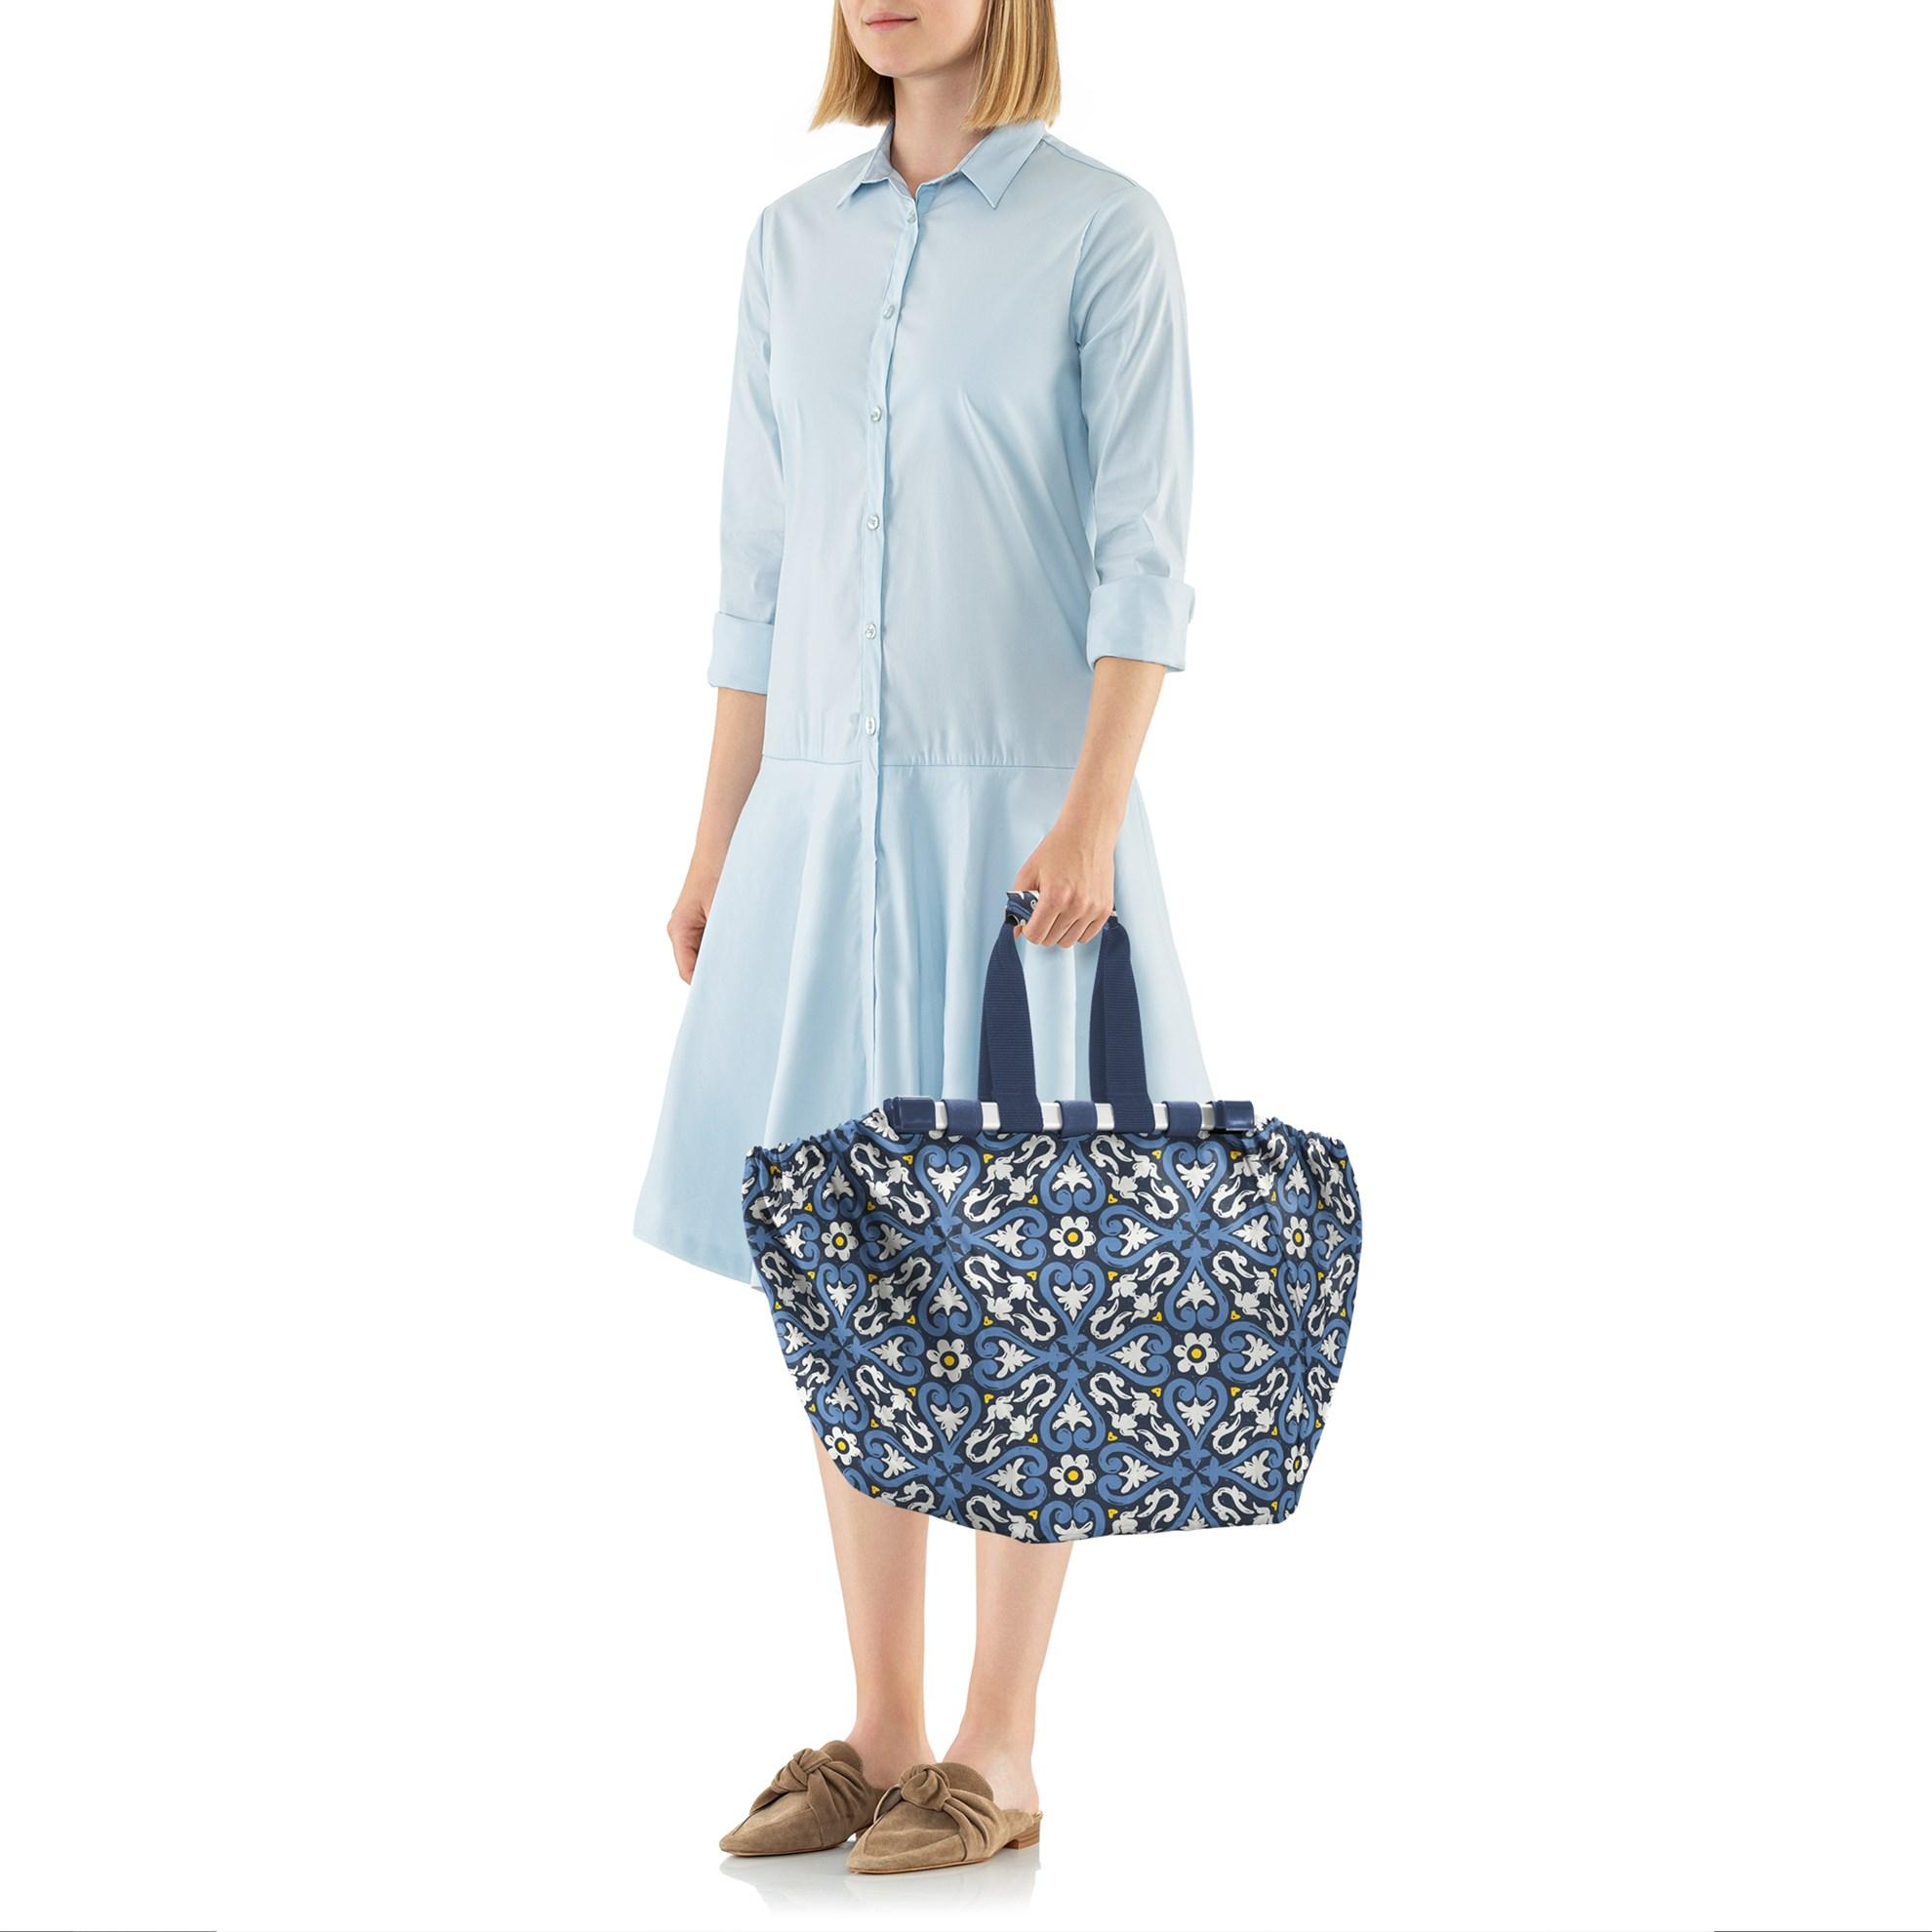 Nákupní taška do vozíku Easyshoppingbag floral 1_1